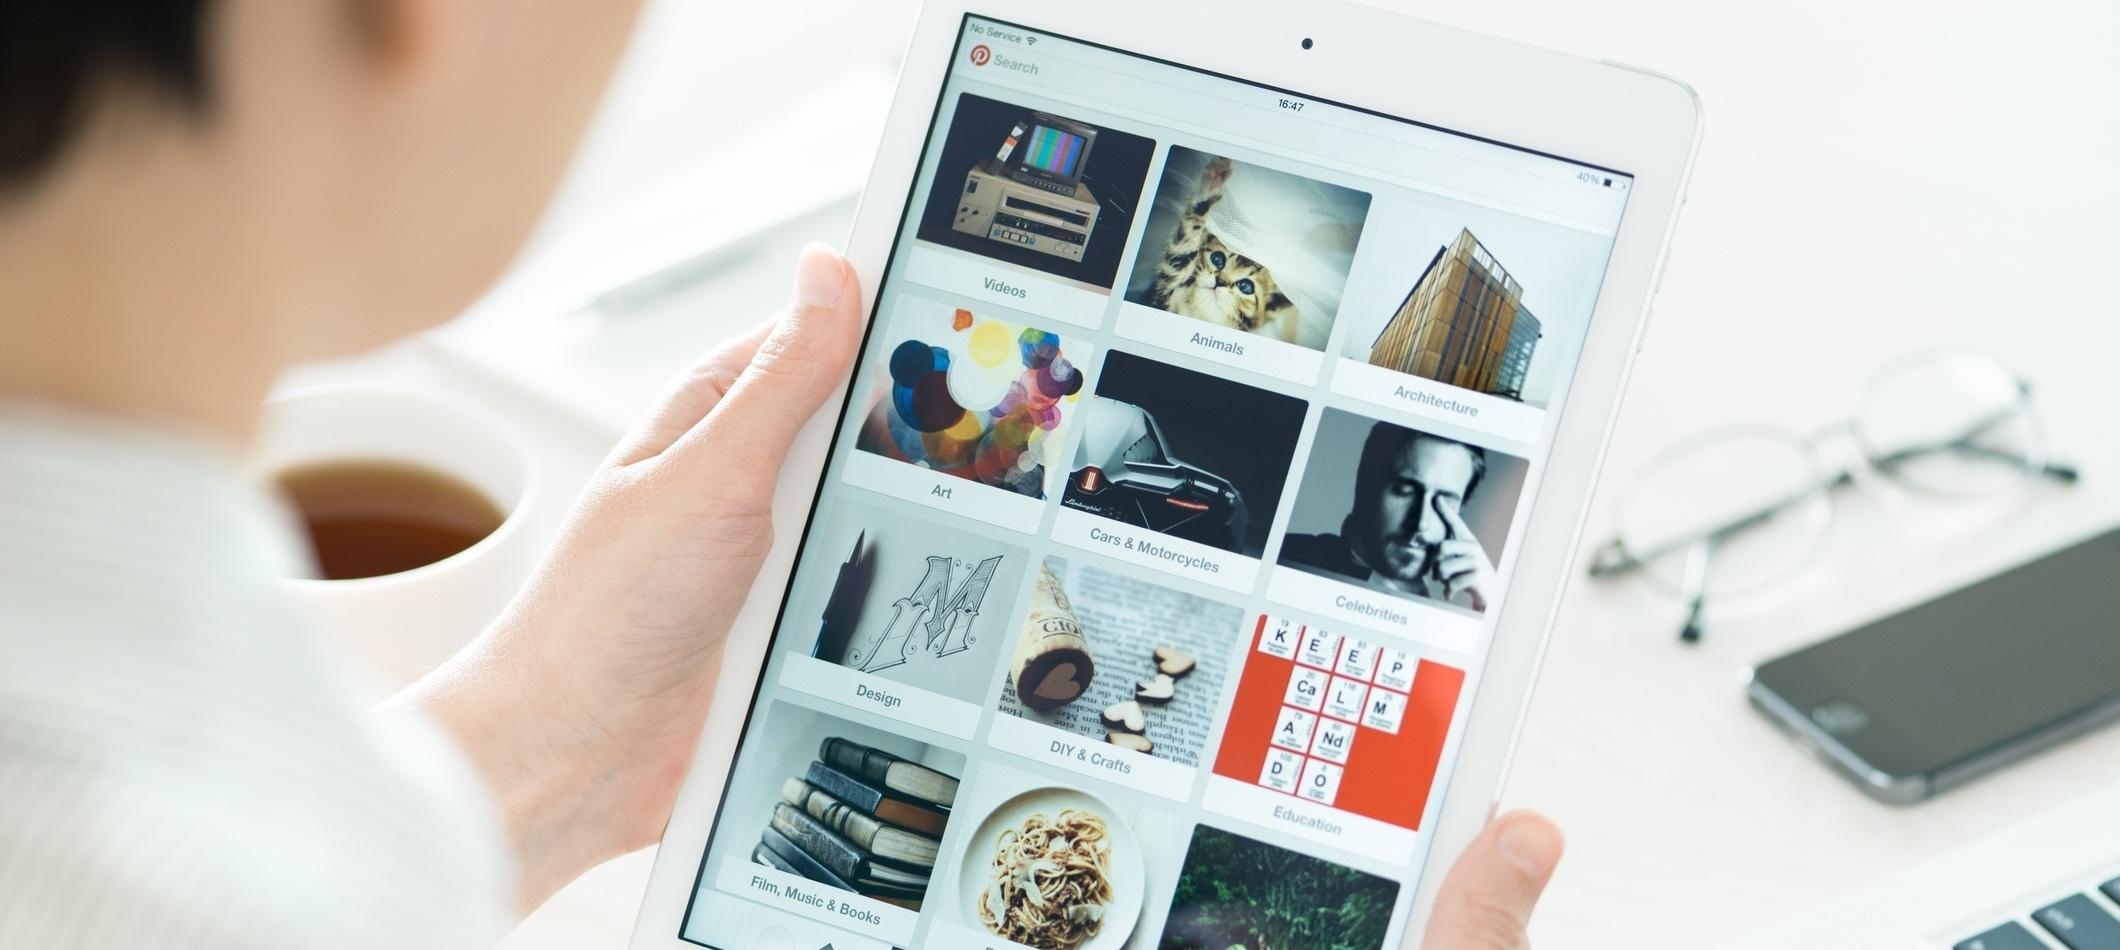 Trucos de SEO para Facebook, Yelp, Pinterest y Google [infografía]